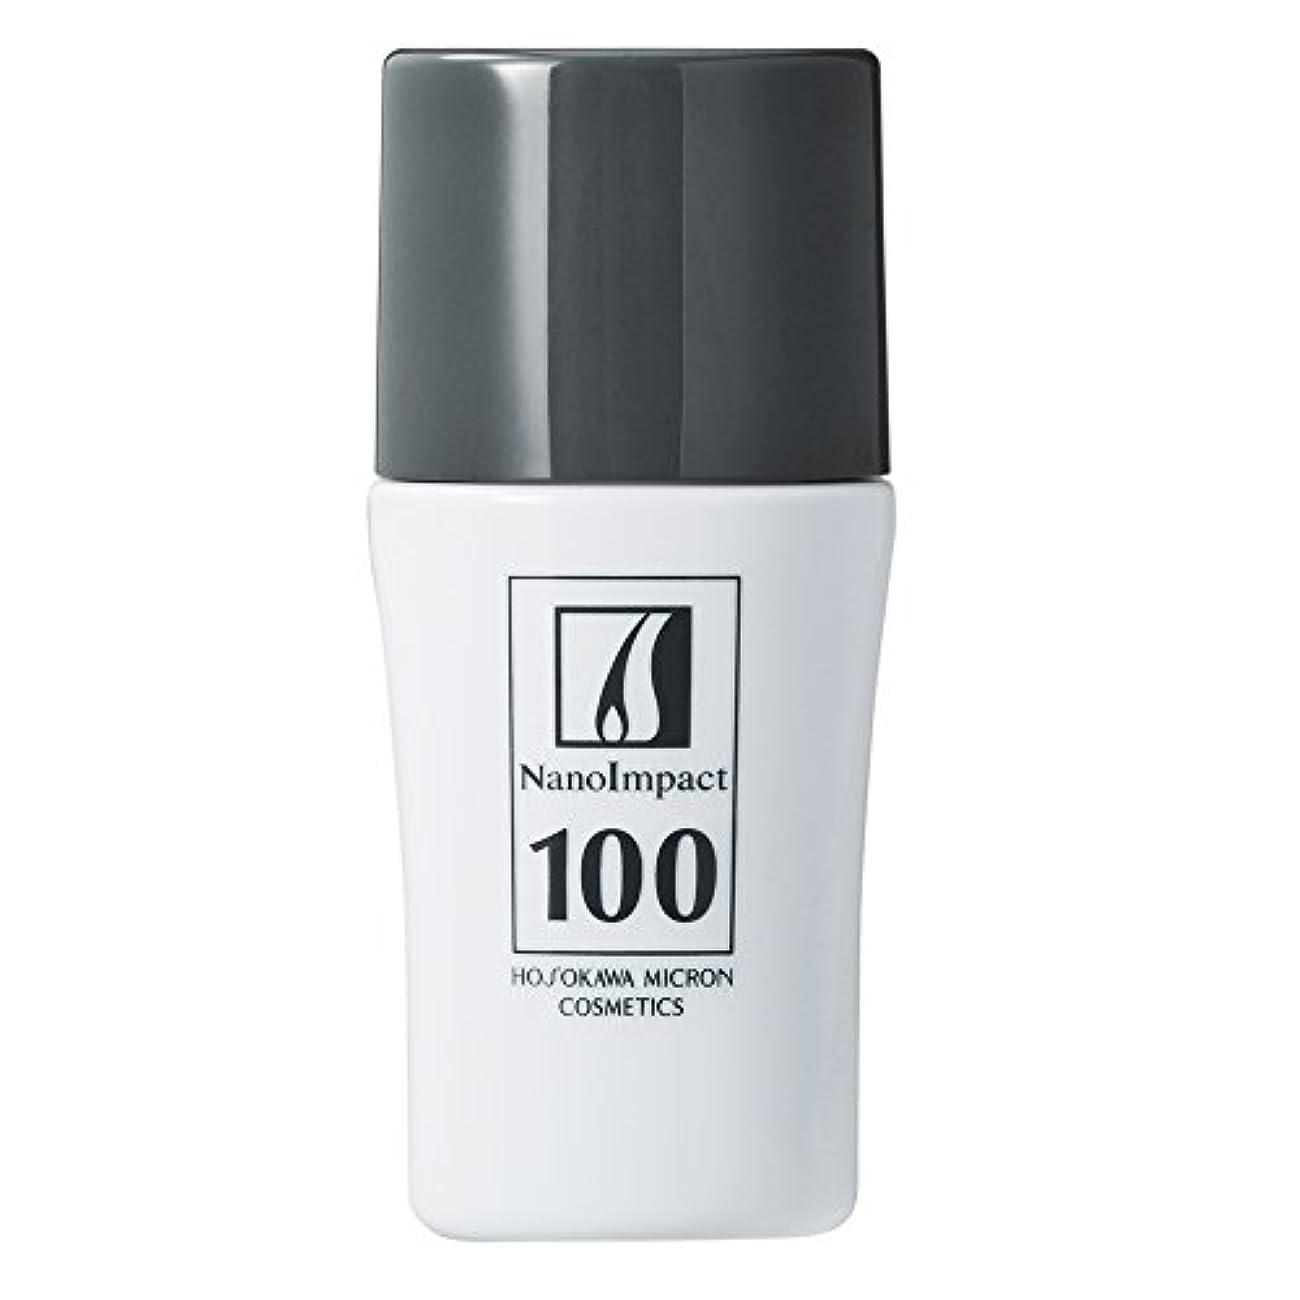 病んでいる免除女性ホソカワミクロン化粧品 薬用ナノインパクト 100<60ml> 【医薬部外品/薬用育毛剤】